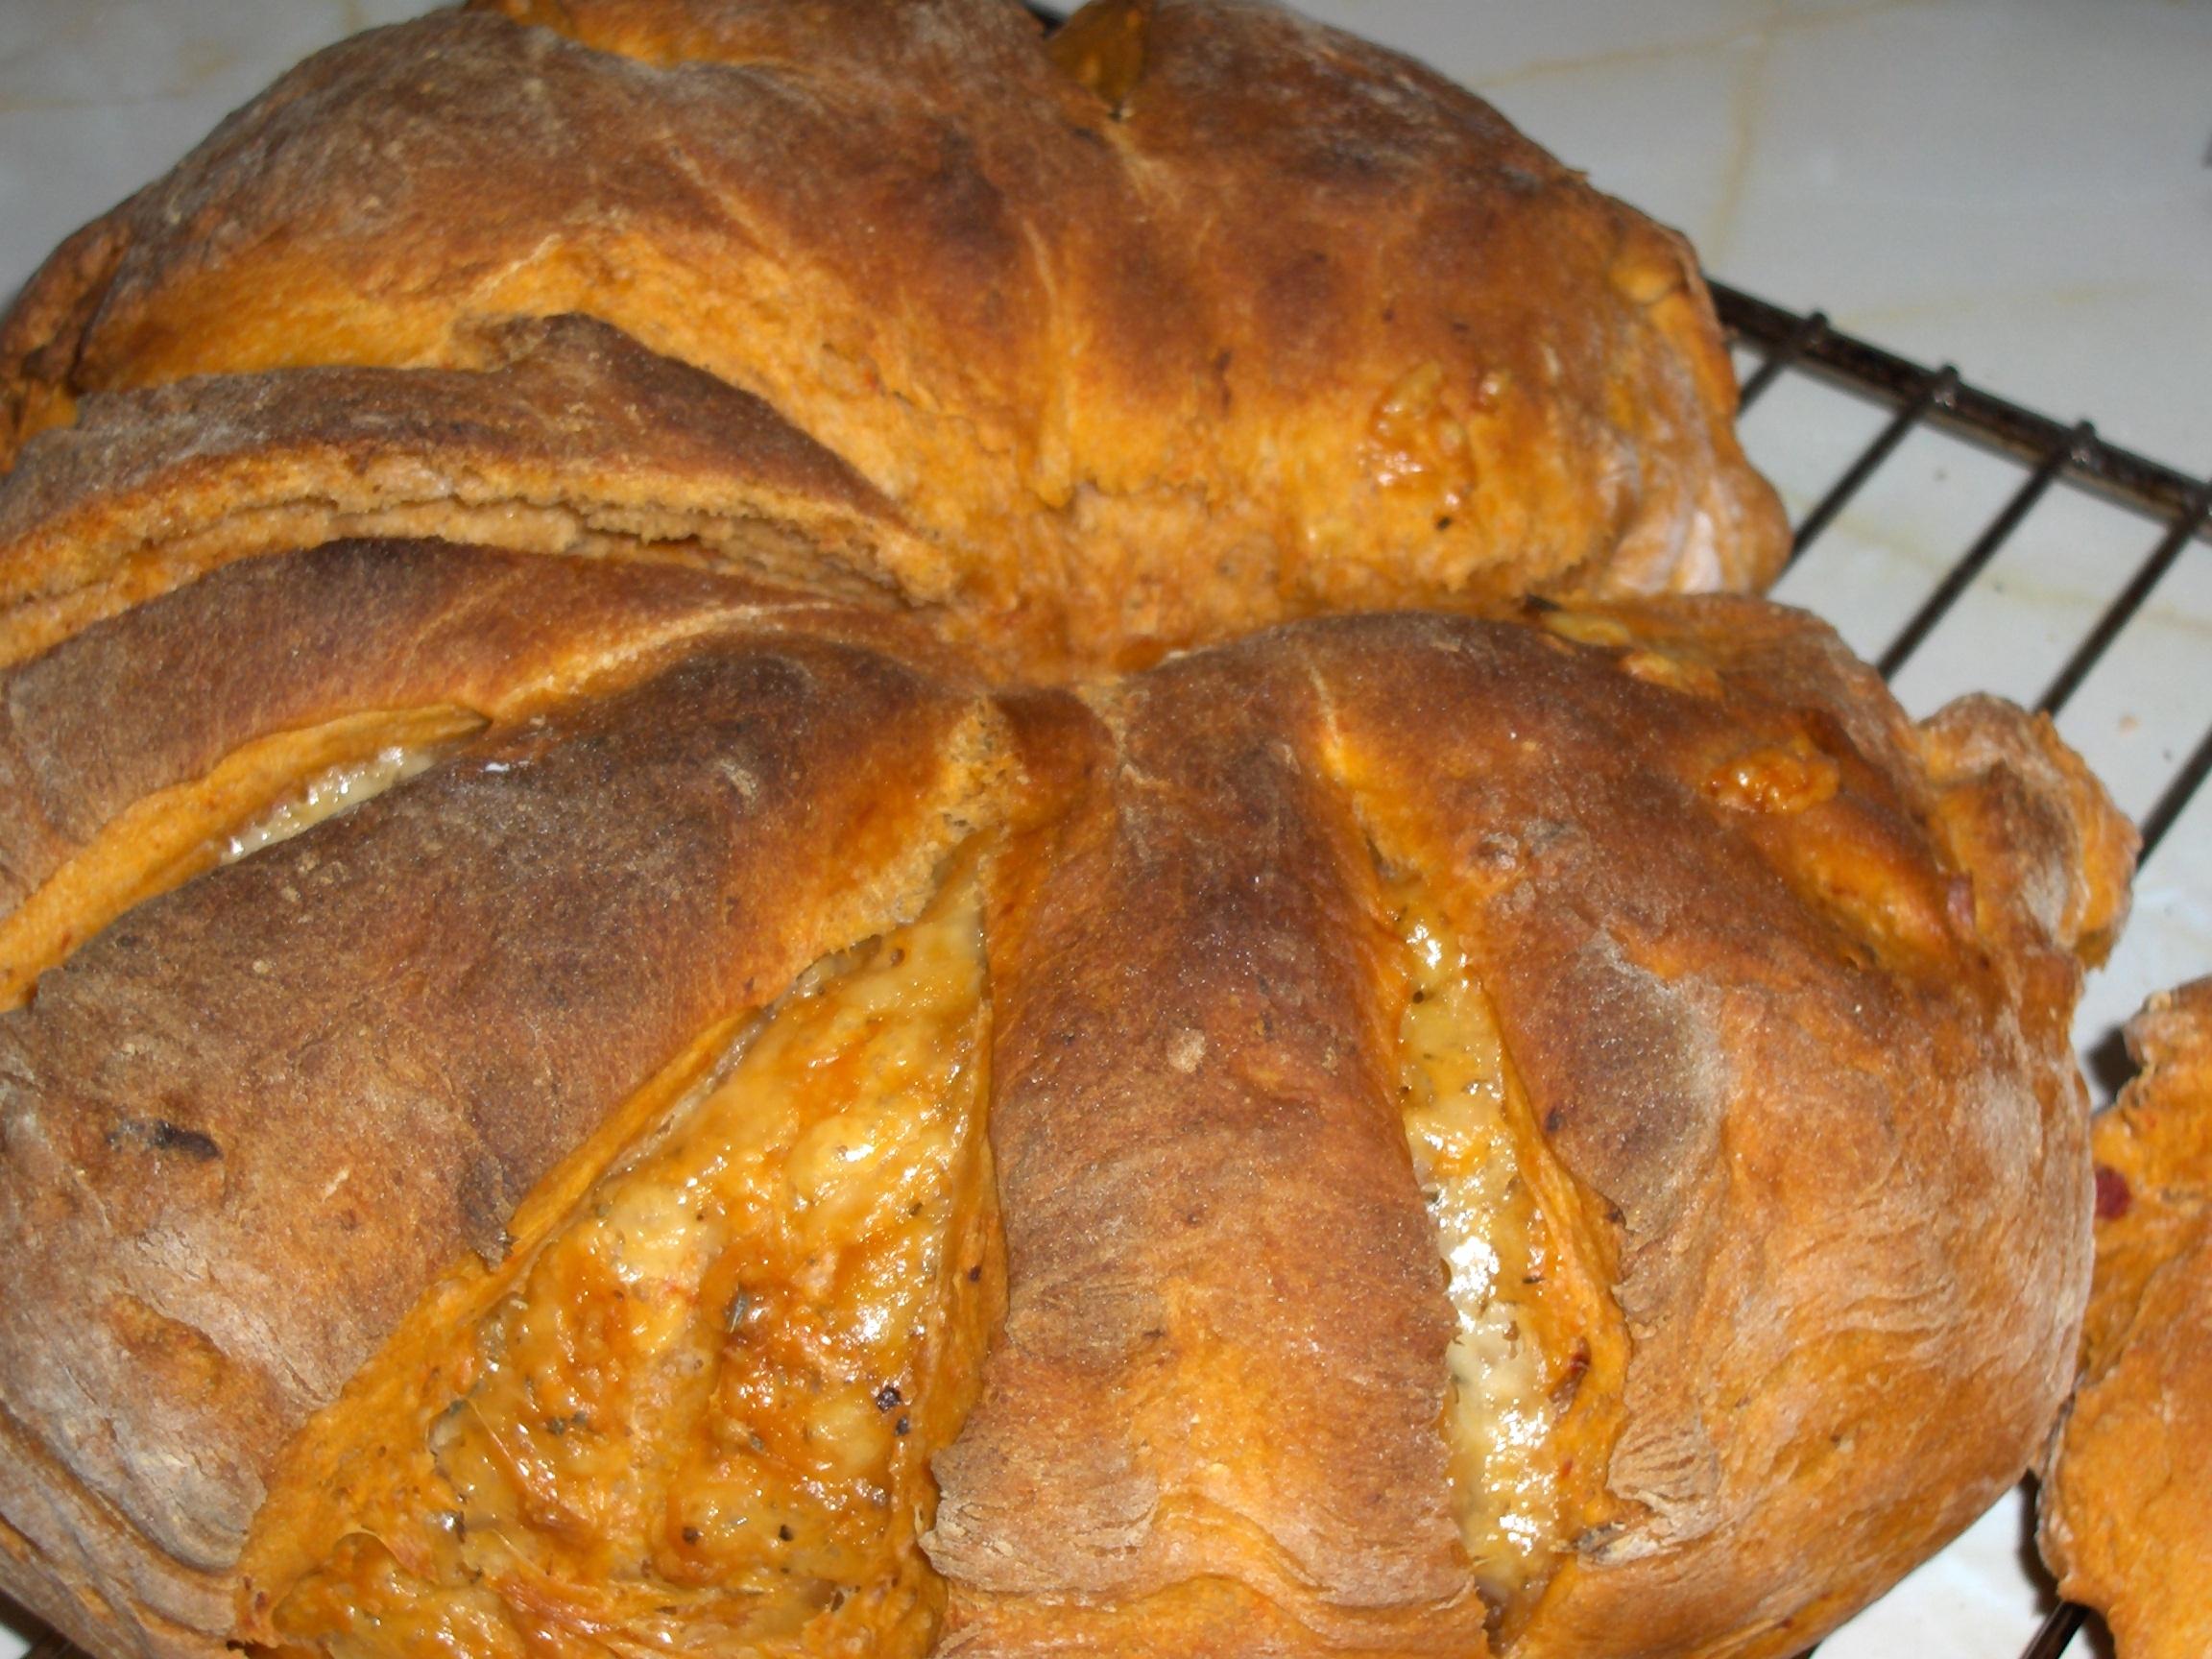 gott grovt bröd till soppa